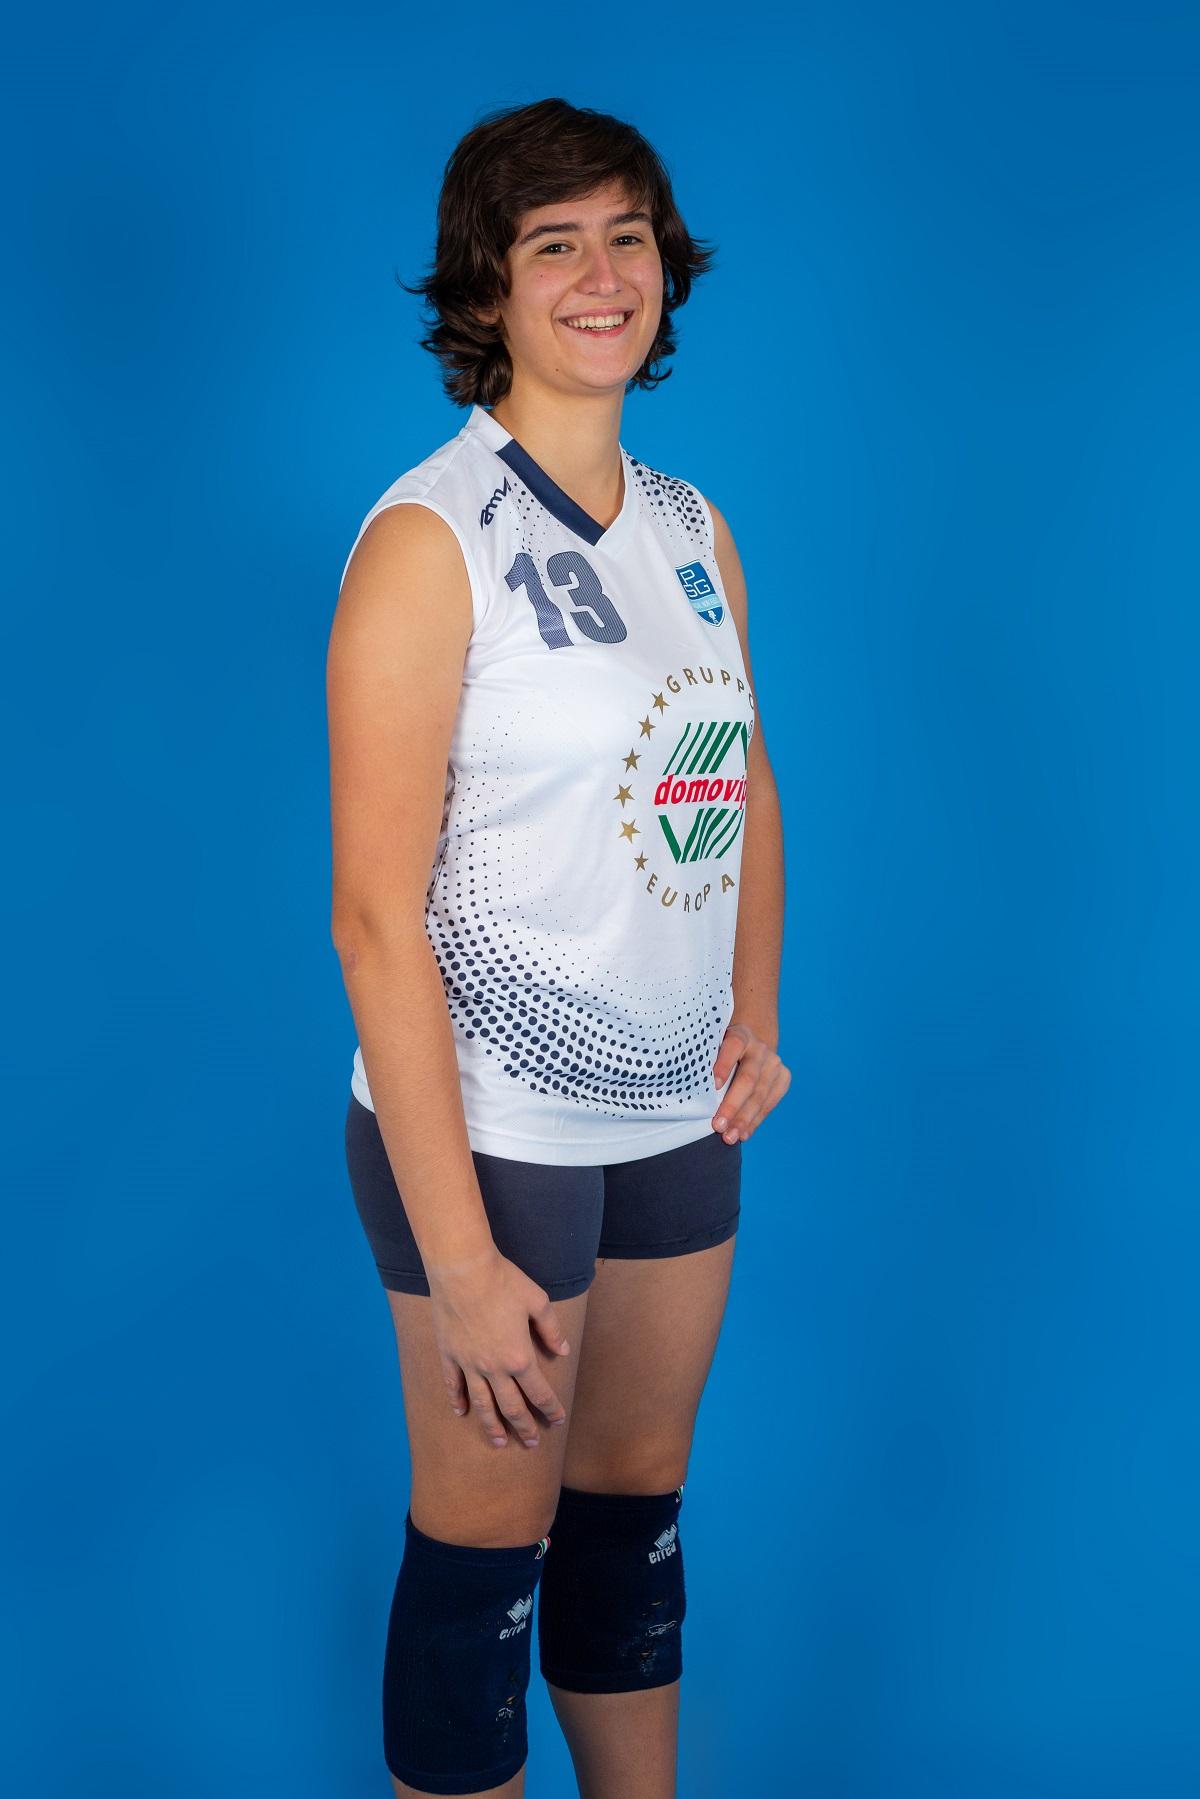 Anna Urbanetto